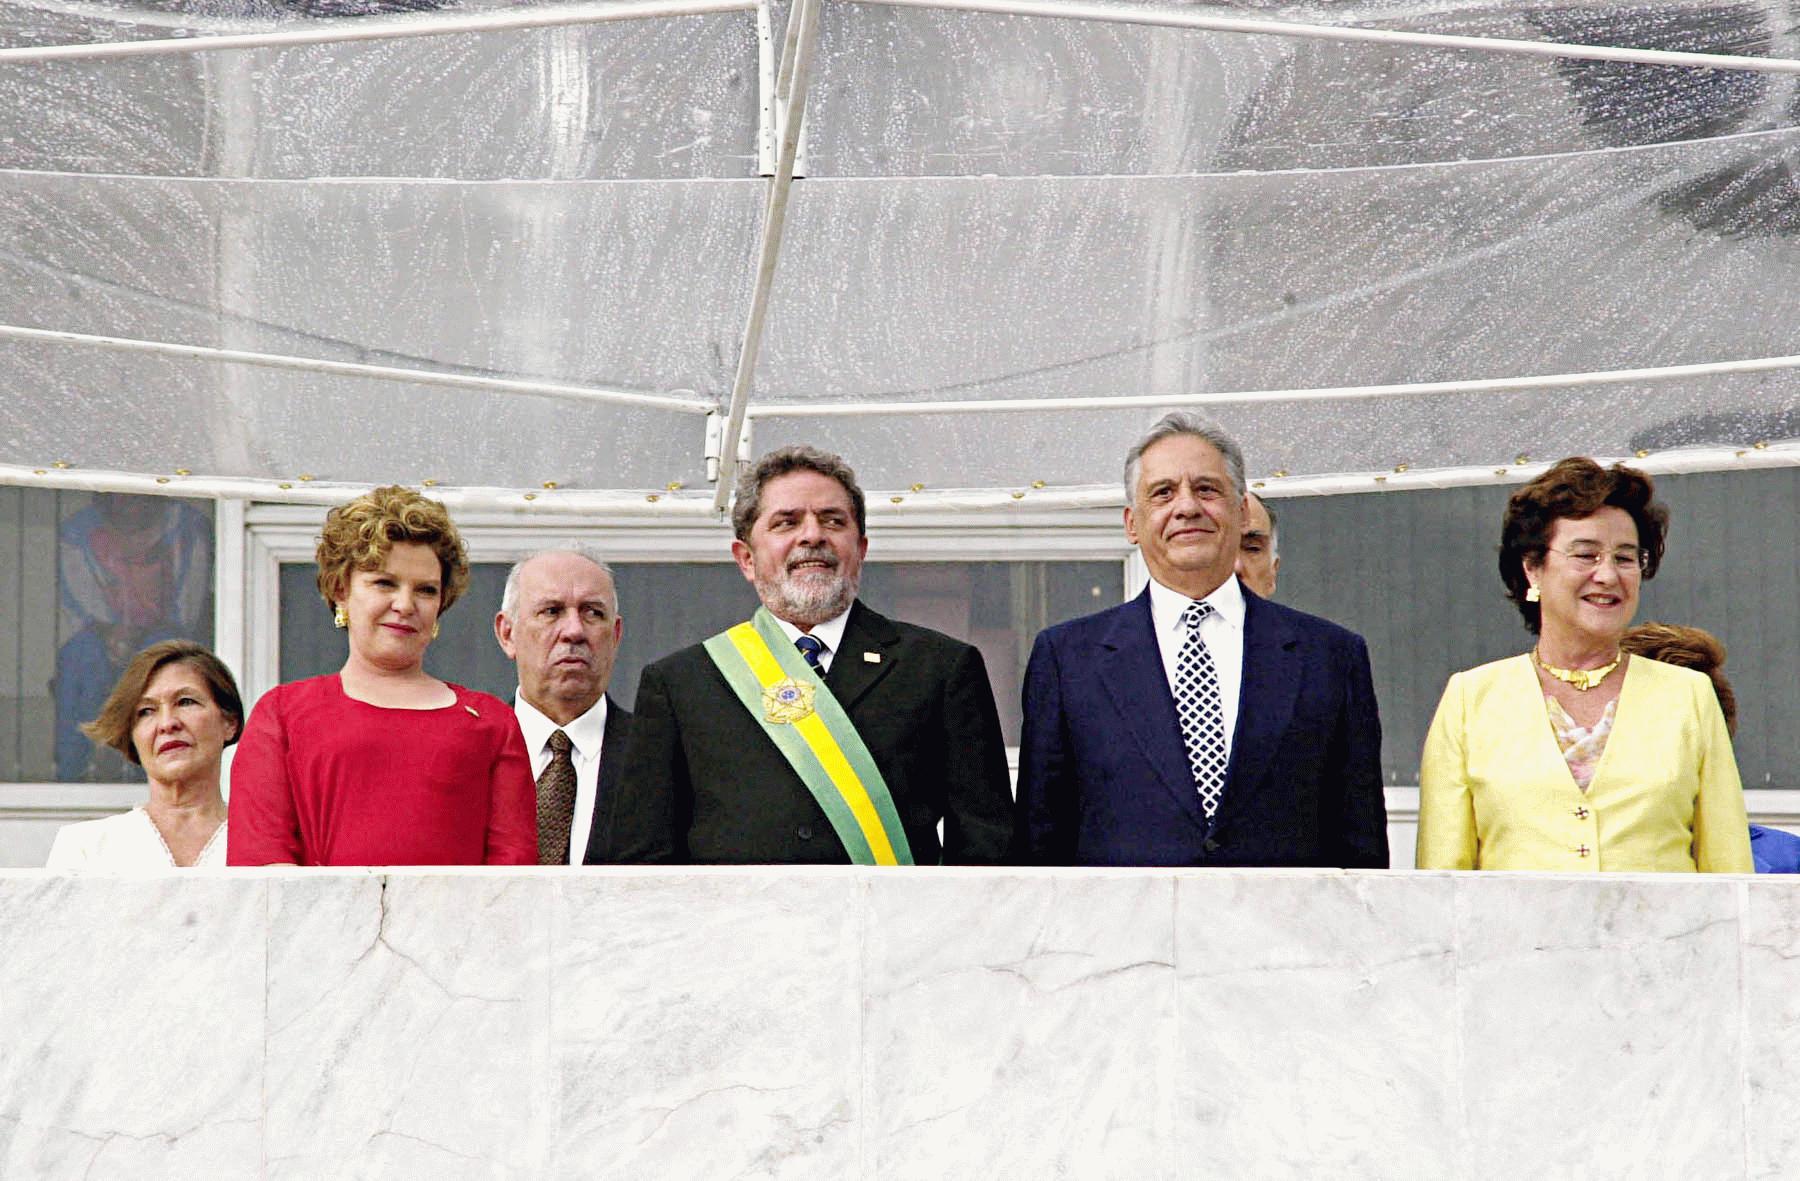 01.01.2003 - Brasília/DF - Acompanhado das esposas, FHC transmite a faixa presidencial para Lula. Foto: Marcello Casal Jr./ABr